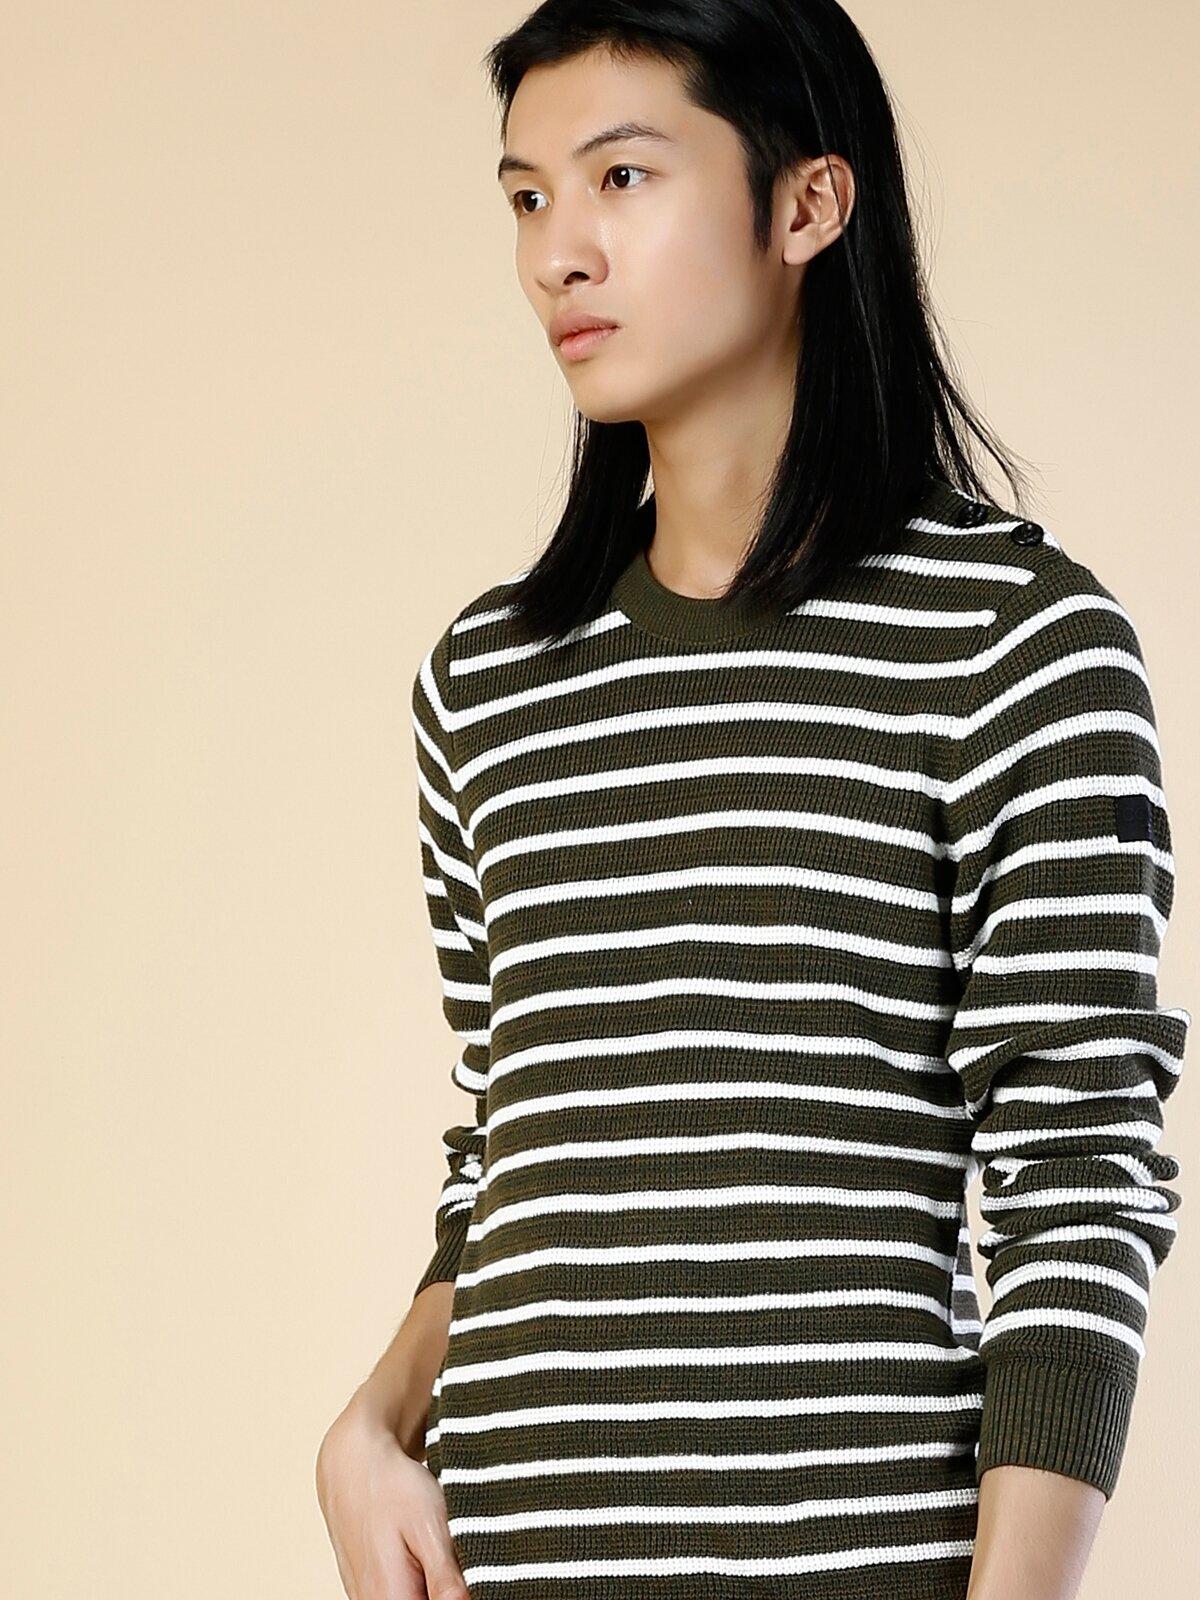 Erkek triko ve kazak modelleri uygun fiyatlar ve ödeme seçenekleri ile anthonyevans.tk da.